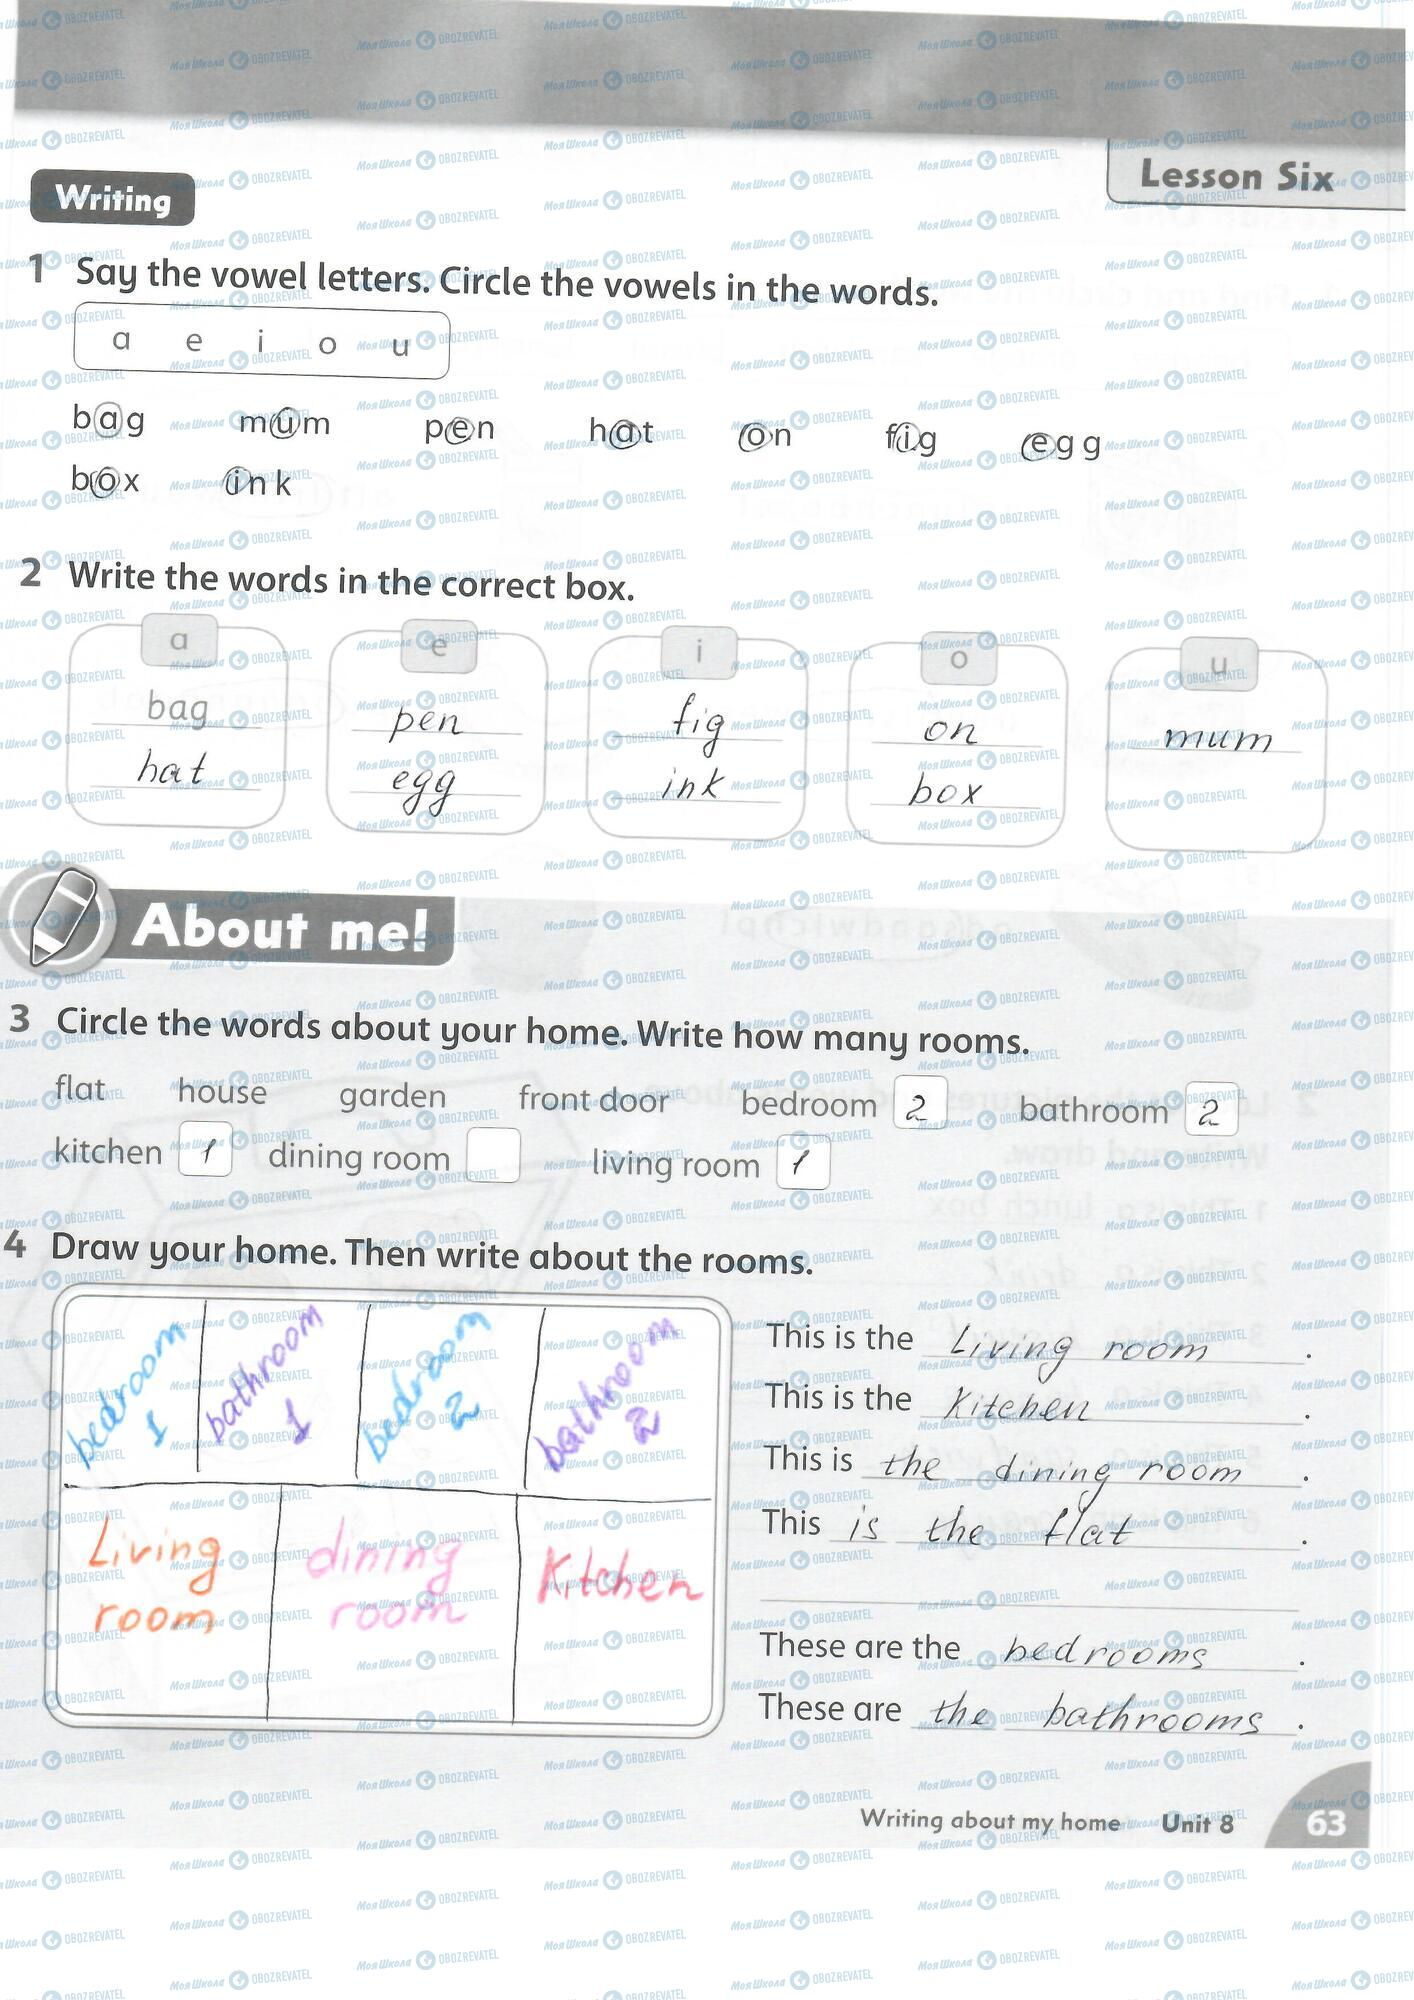 ГДЗ Английский язык 1 класс страница 63